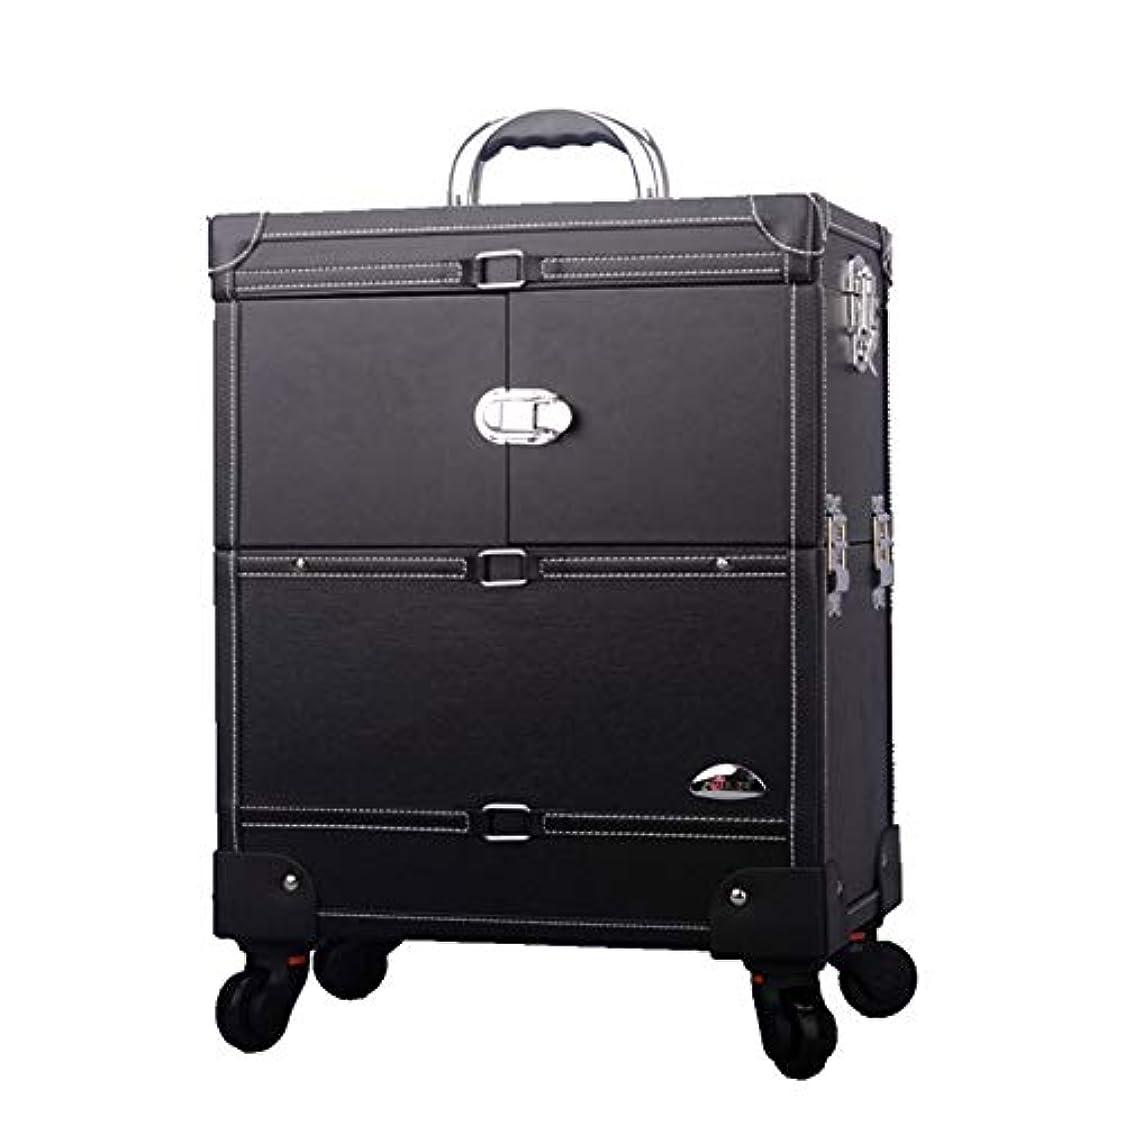 医師負荷滅多プロ専用 美容師 クローゼット スーツケース メイクボックス キャリーバッグ ヘアメイク プロ 大容量 軽量 高品質 多機能 I-JL-3623T-B-T